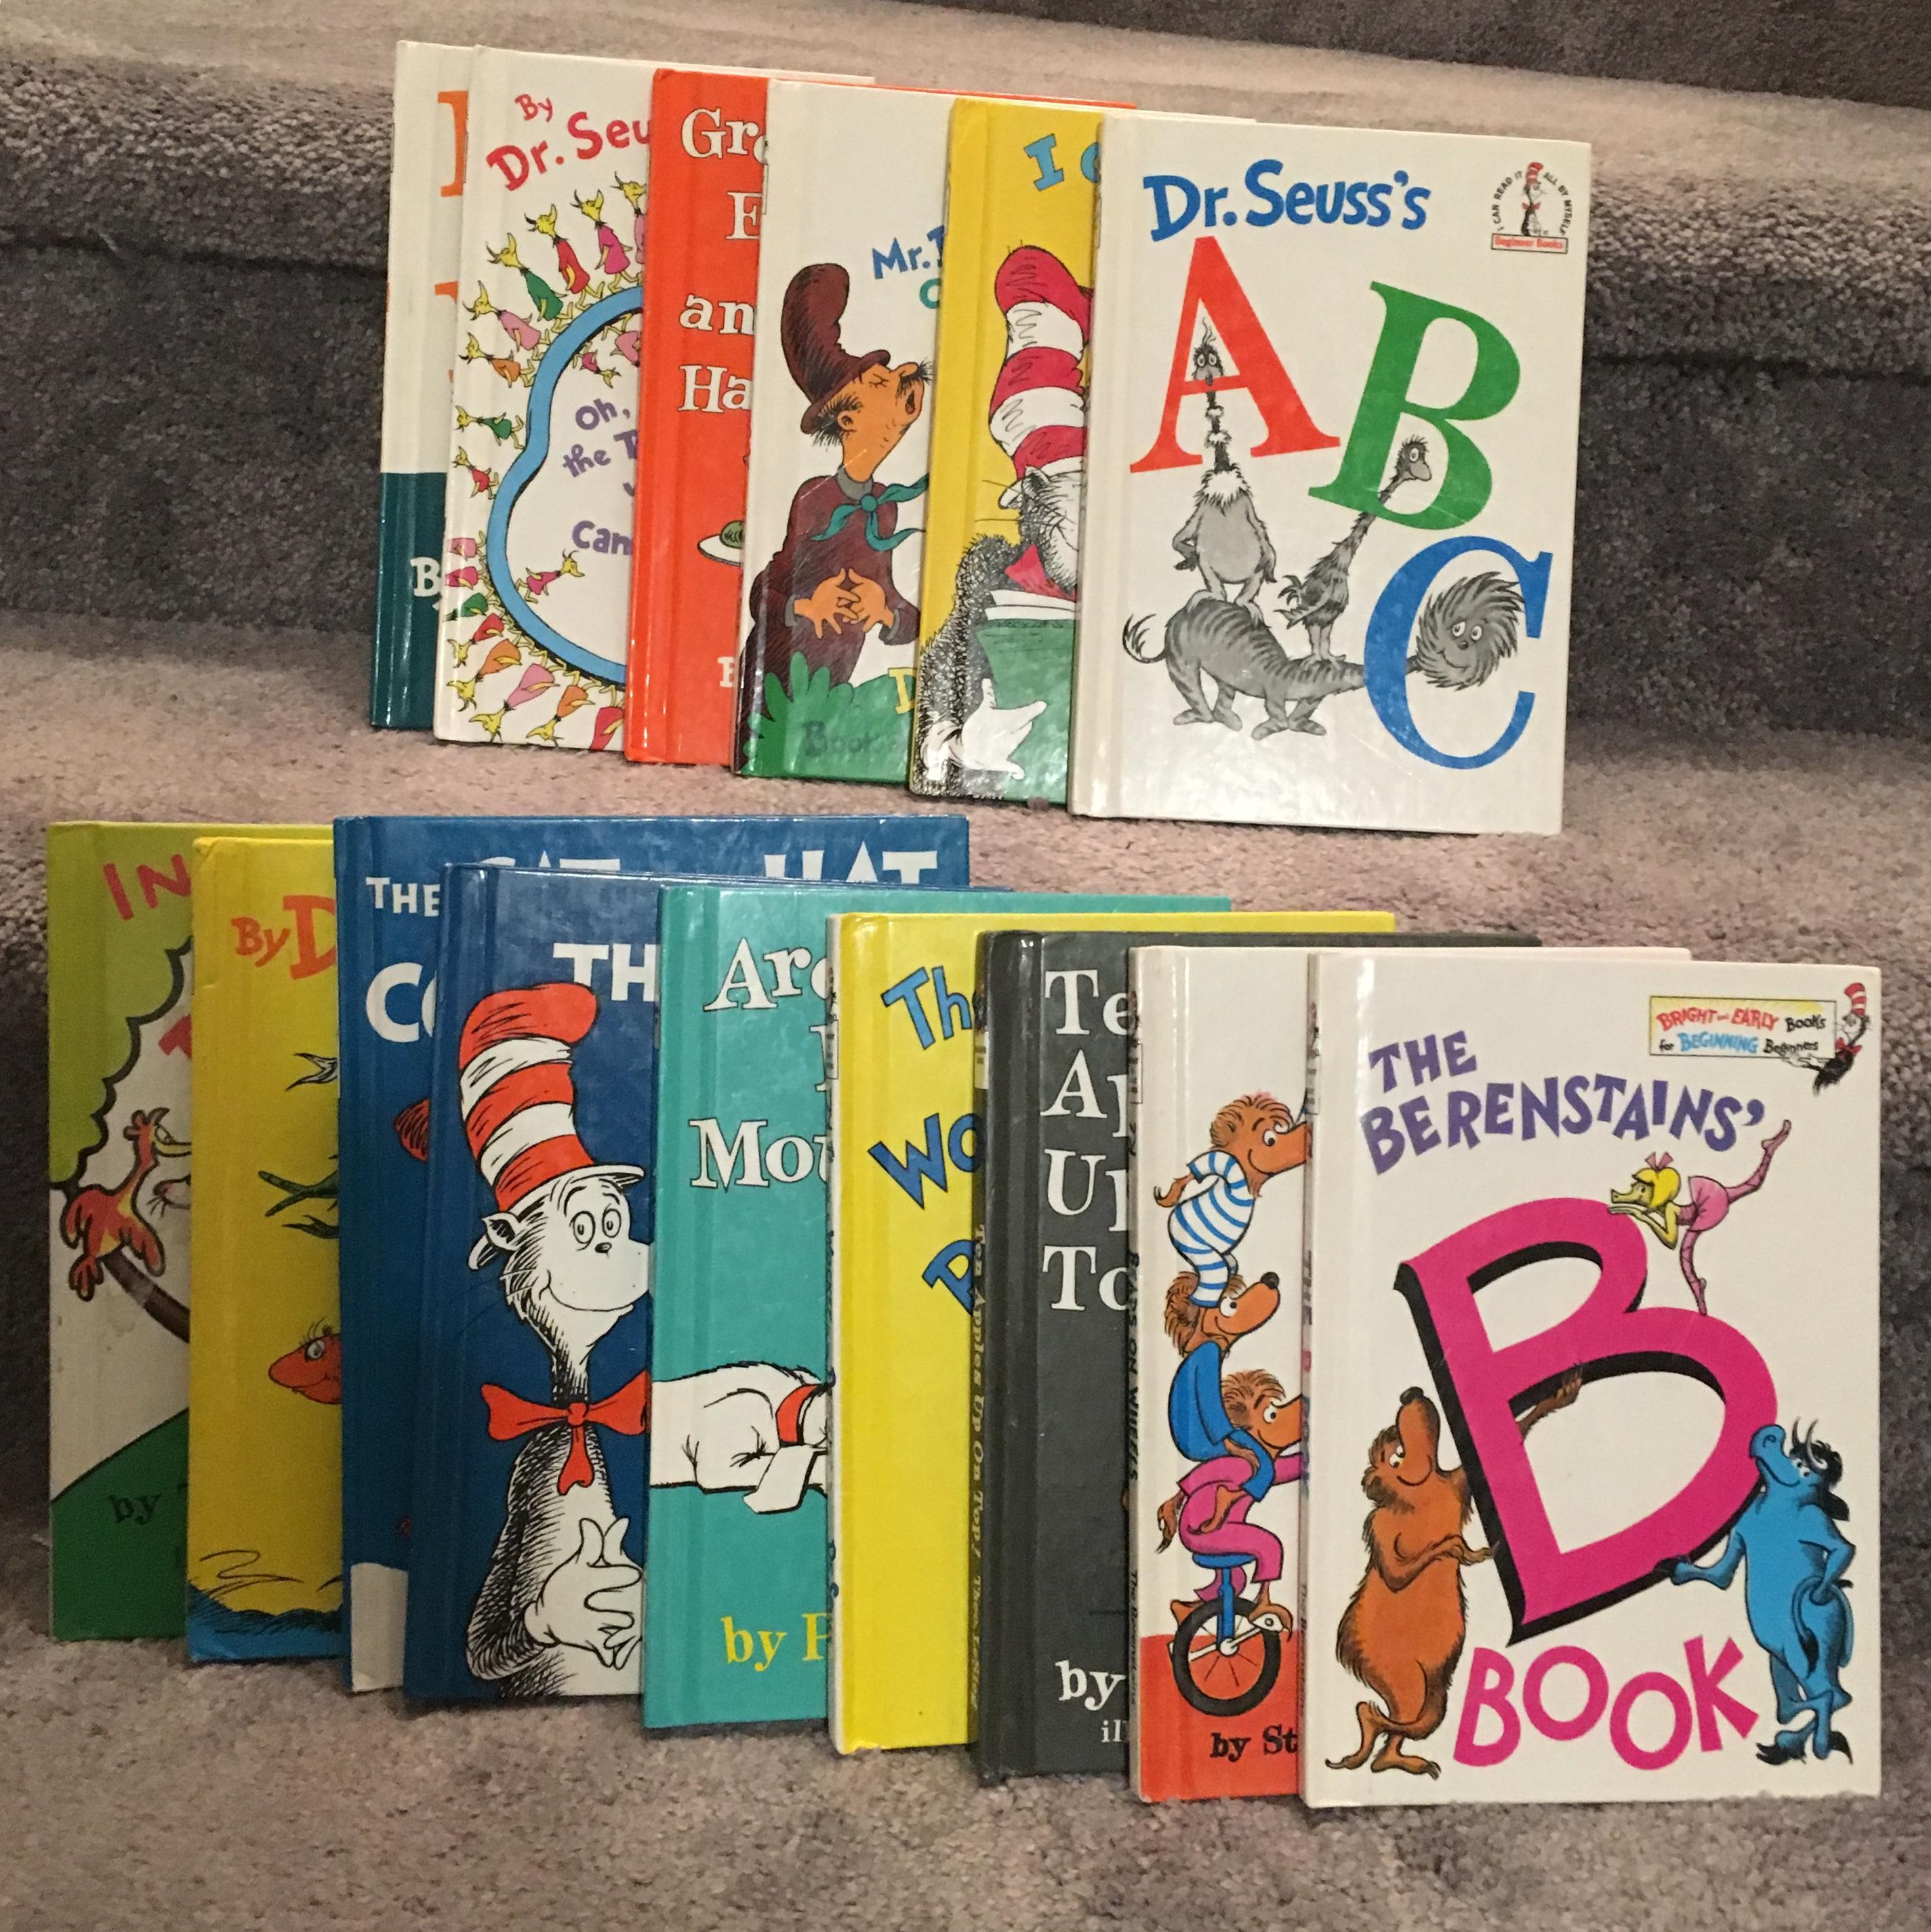 trishajennreads' children's books book haul